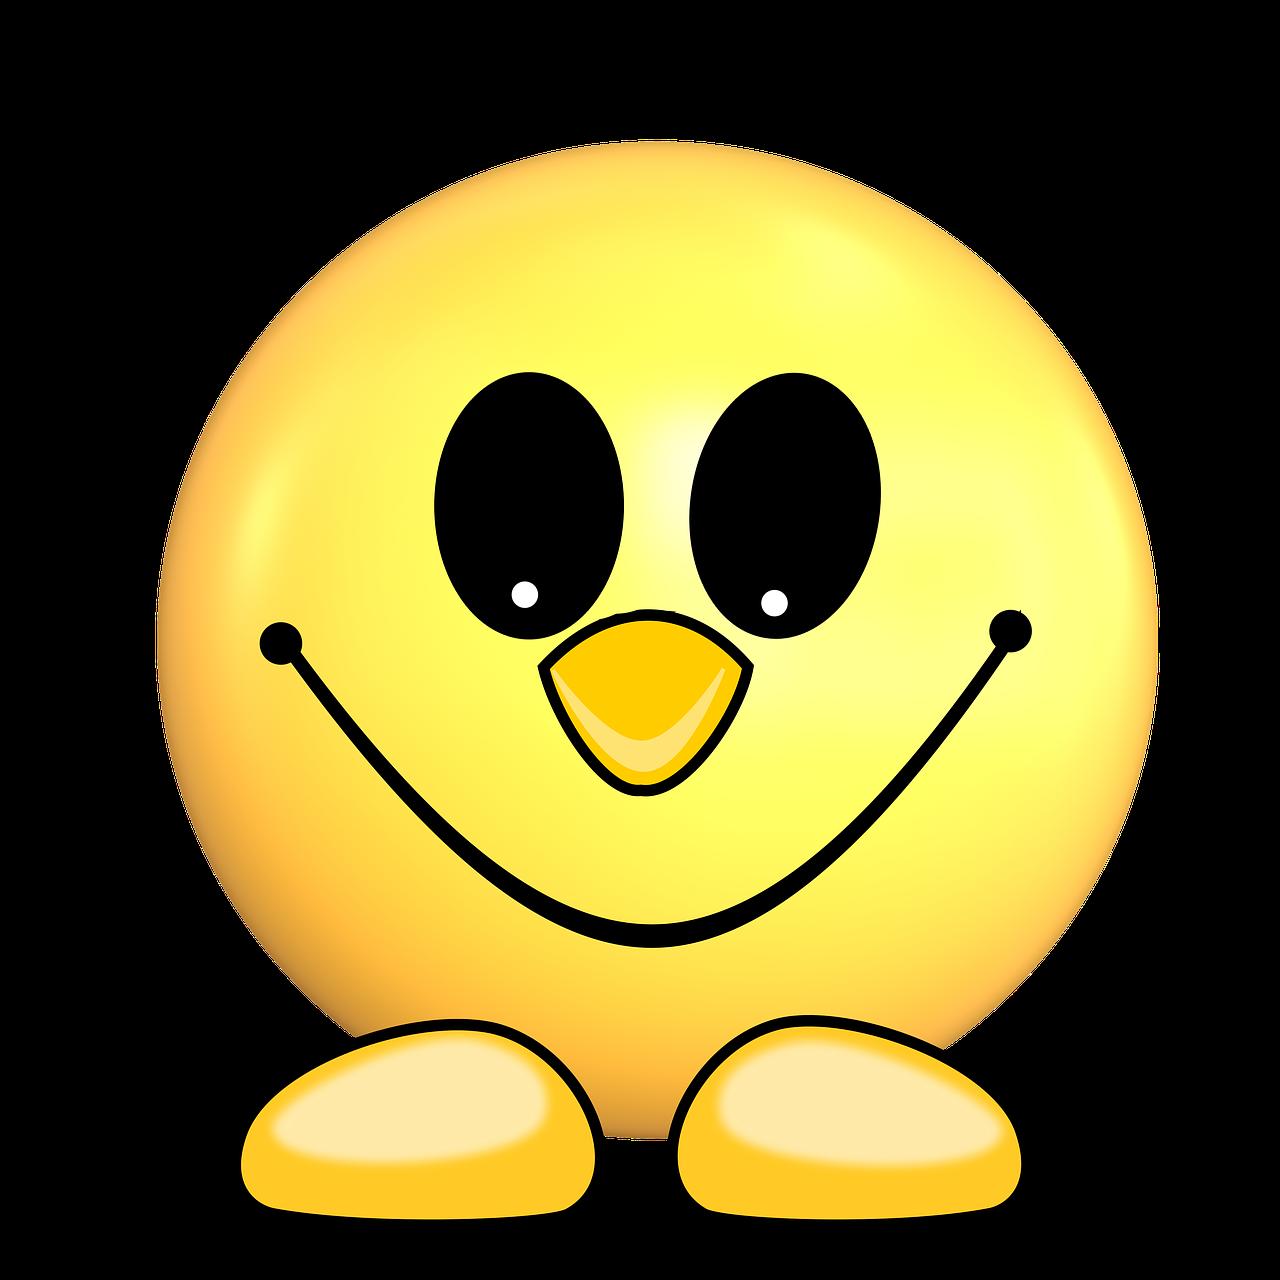 Открытка смайлики улыбка видео, туфли